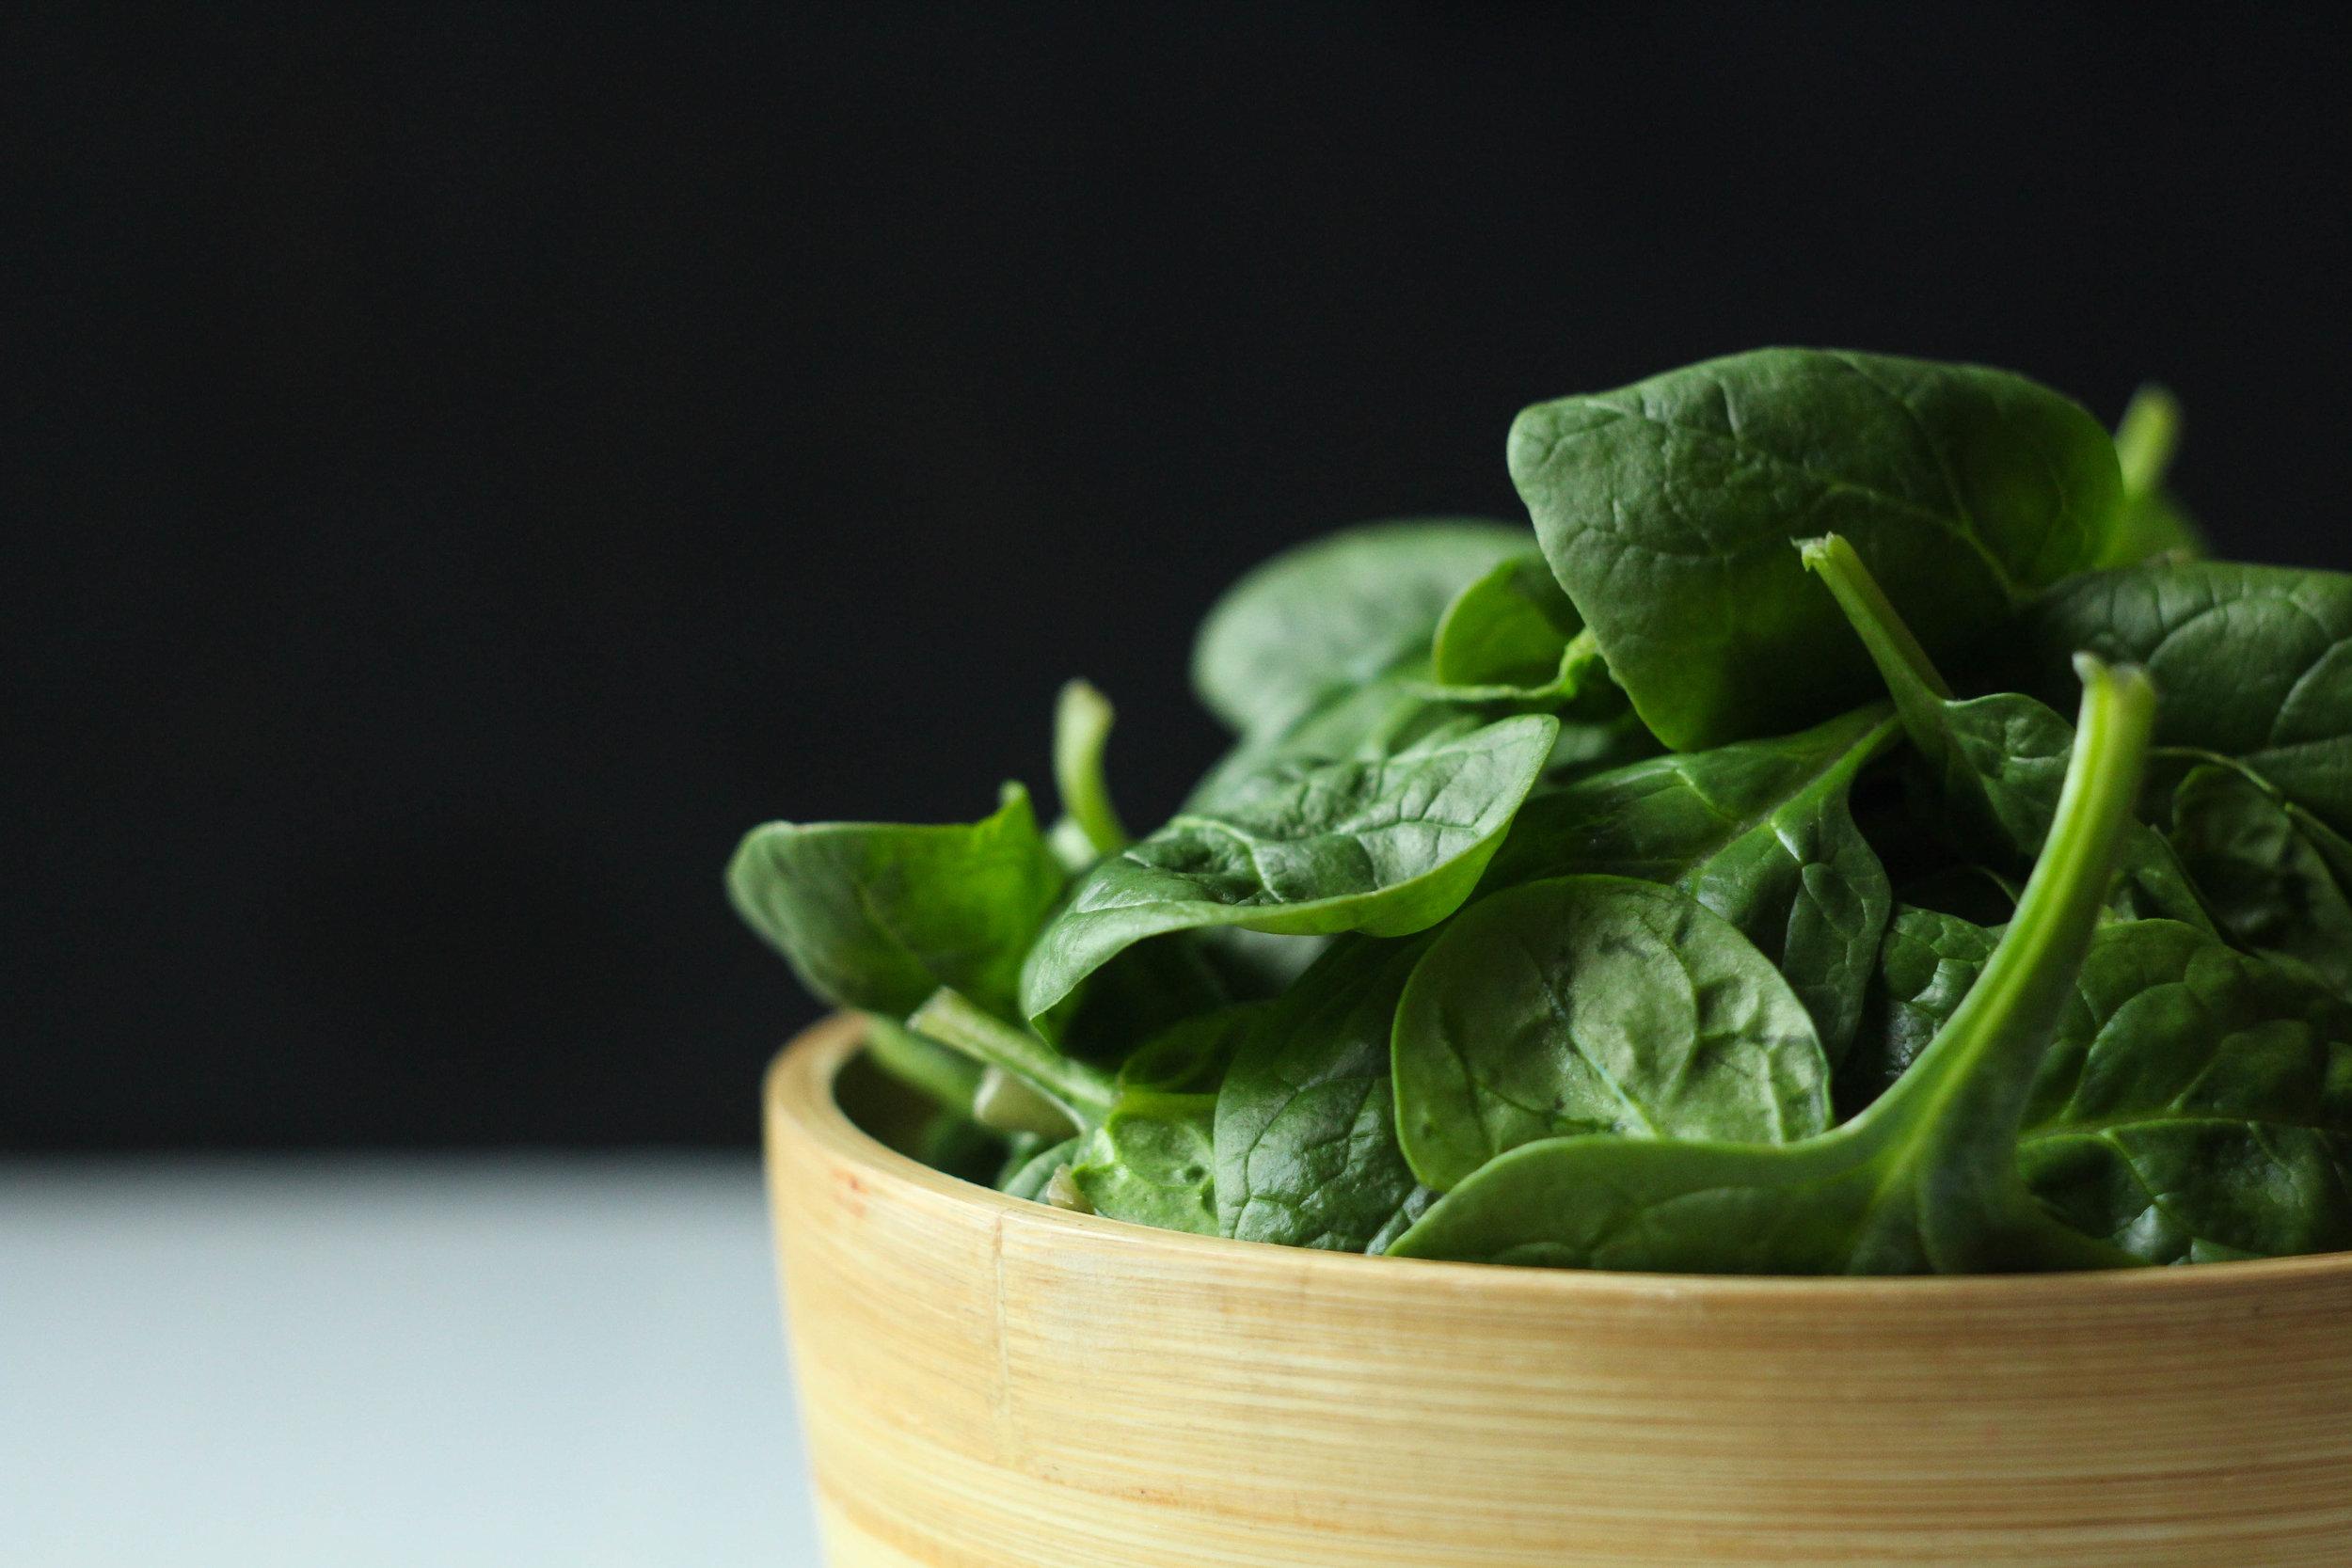 Raw: fresh spinach